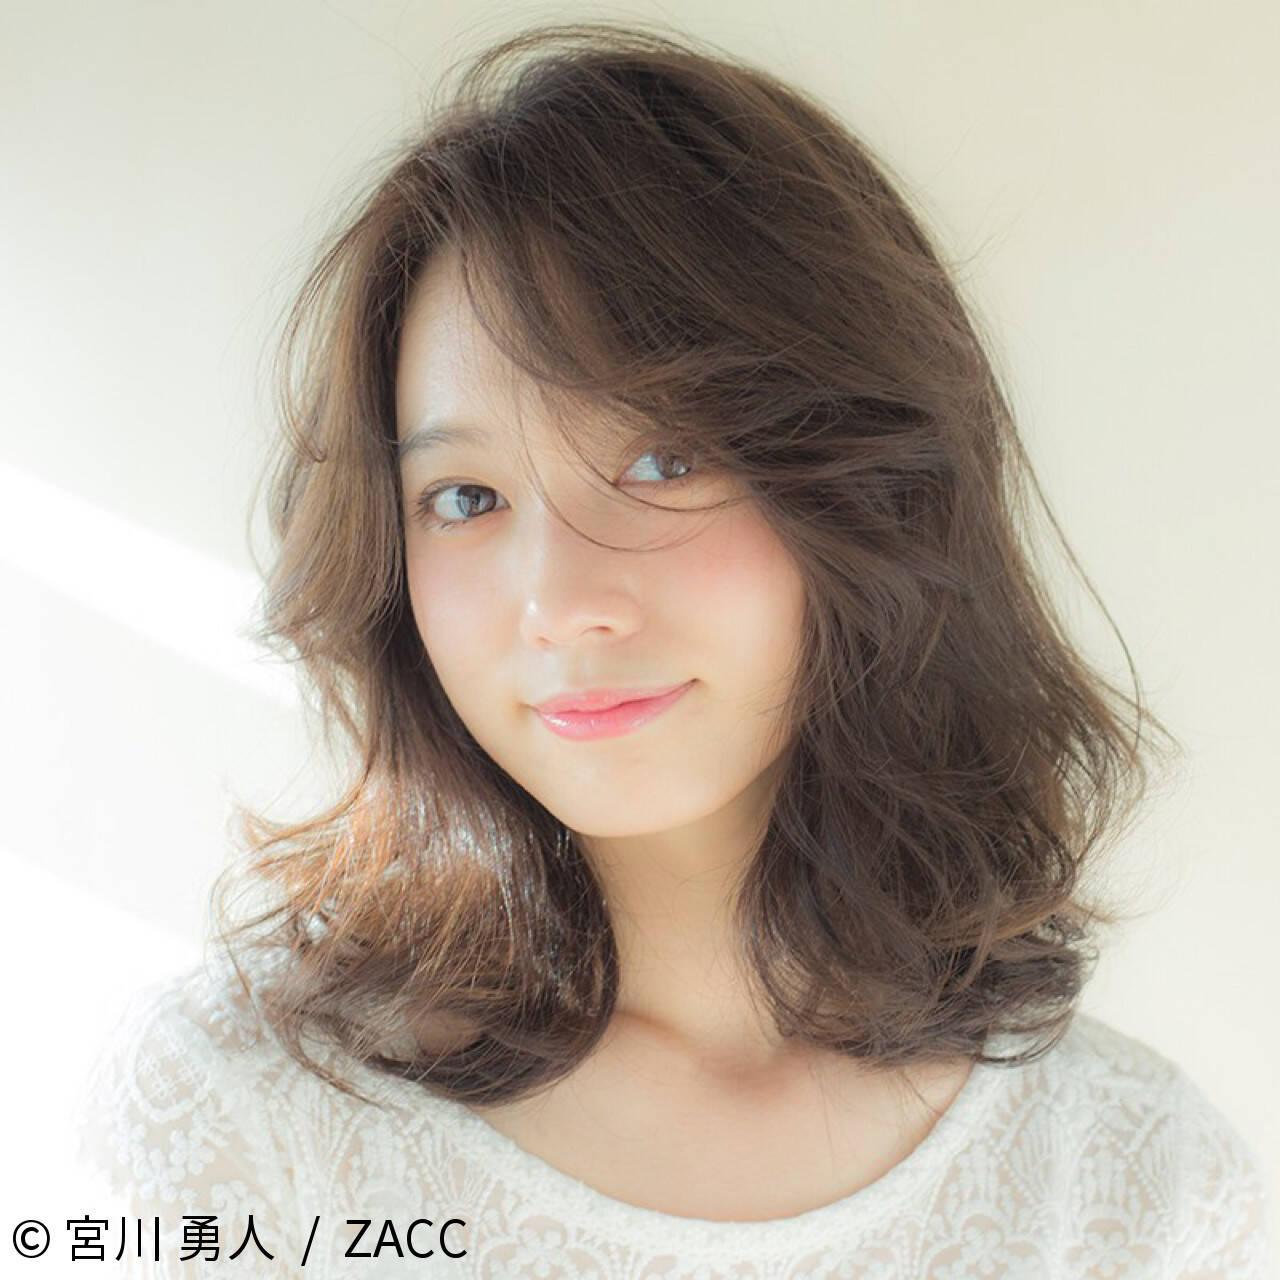 小顔 こなれ感 ミディアム ニュアンスヘアスタイルや髪型の写真・画像